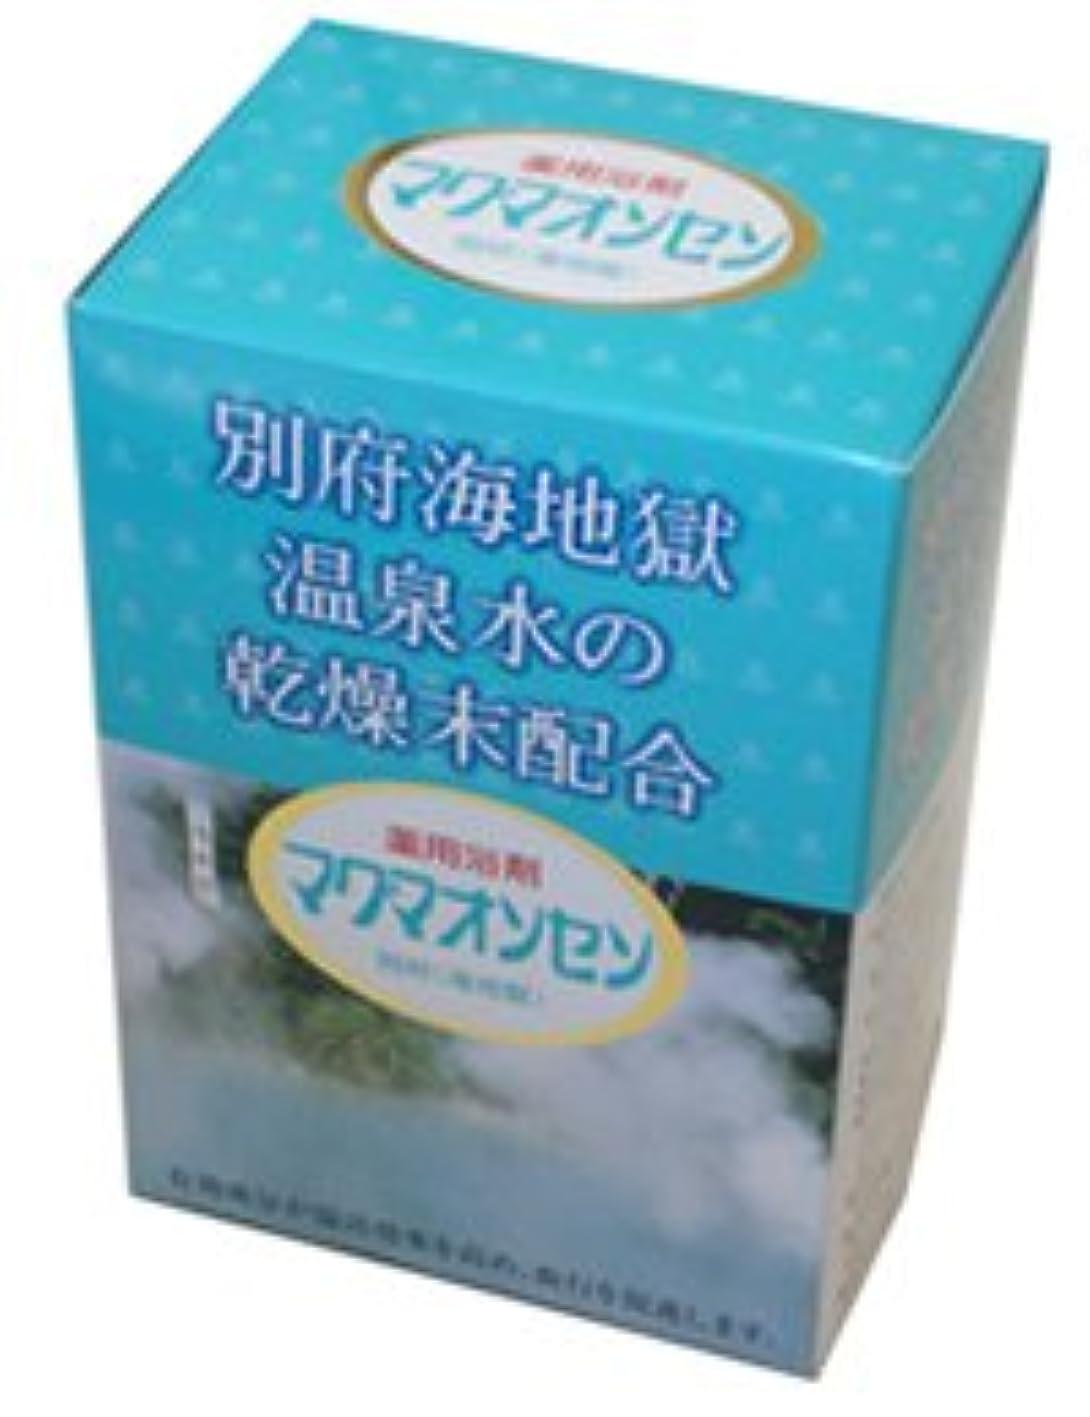 資格情報油ポンプ〔K〕マグマオンセン 別府 15g×21包入り